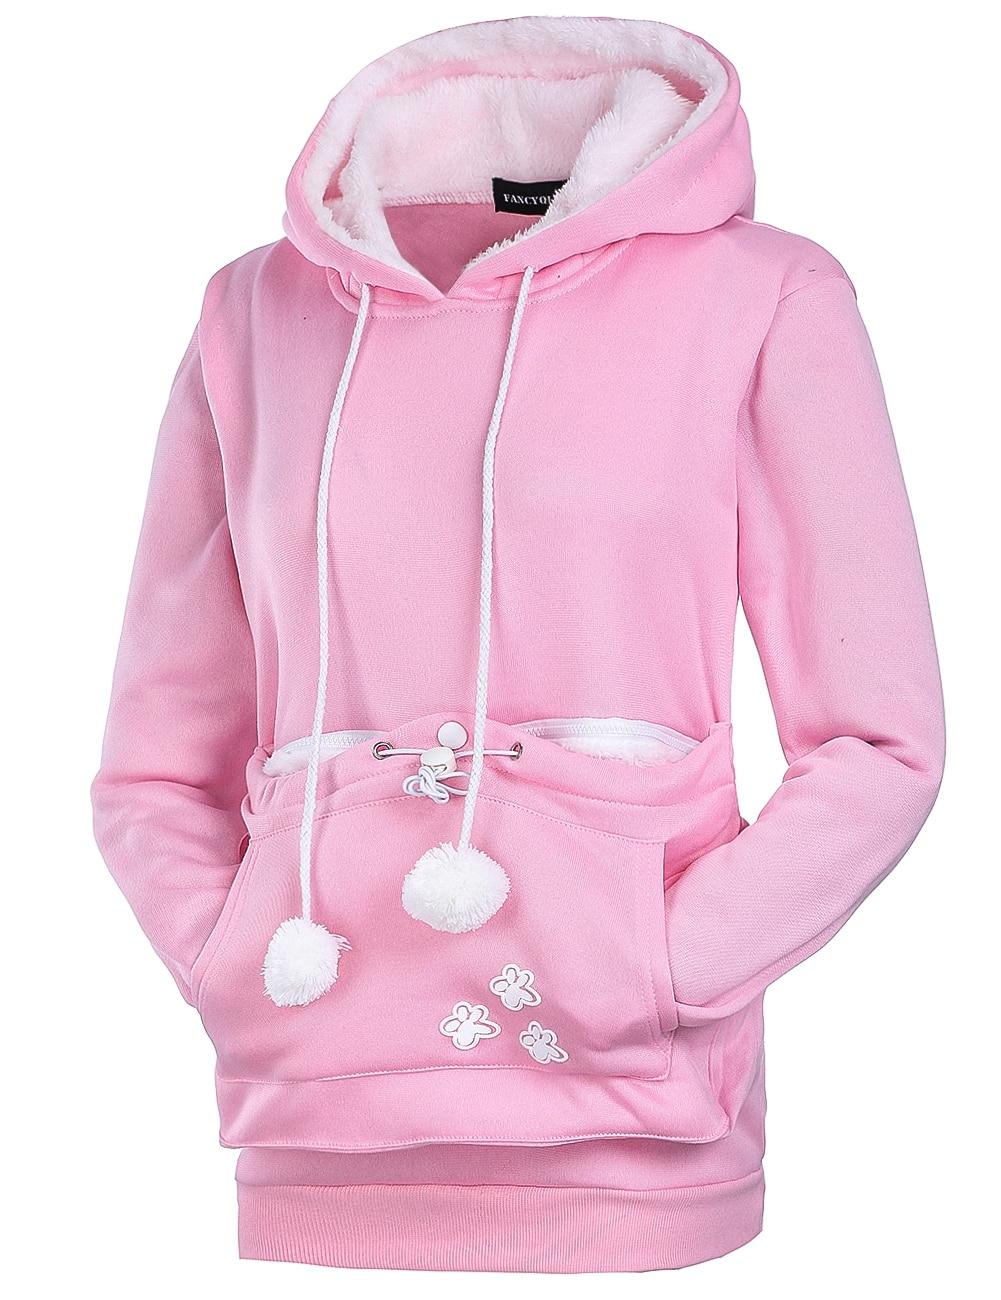 Womens Long Sleeve Crop Top Hoodies US American Flag Cat Ear Lumbar Hoodie Pullover Sweater